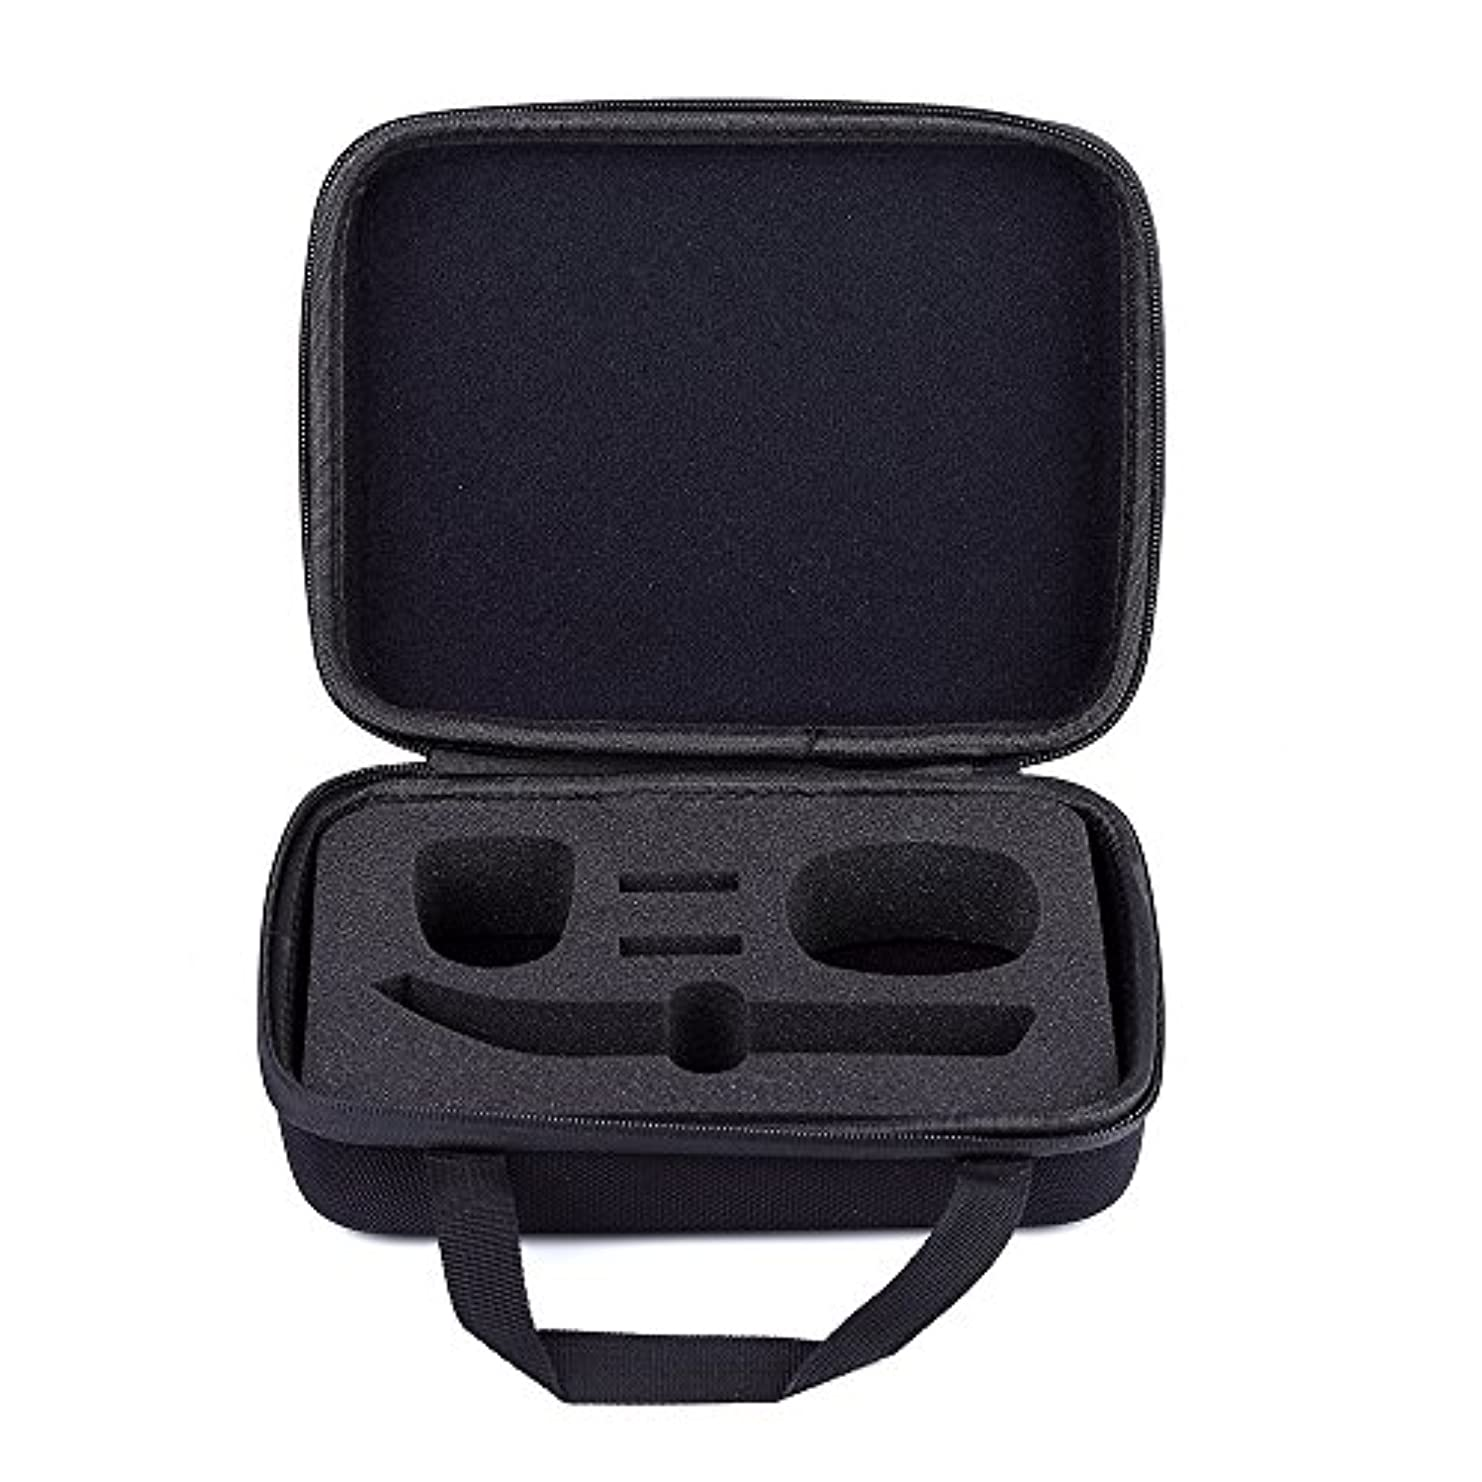 麦芽レイコンパクトRETYLY トラベルのハードバッグ、携帯用ケース、Norelco Oneblade Pro用、転倒防止、防水、実用的なPhilipsシェーバー用の収納ボックス